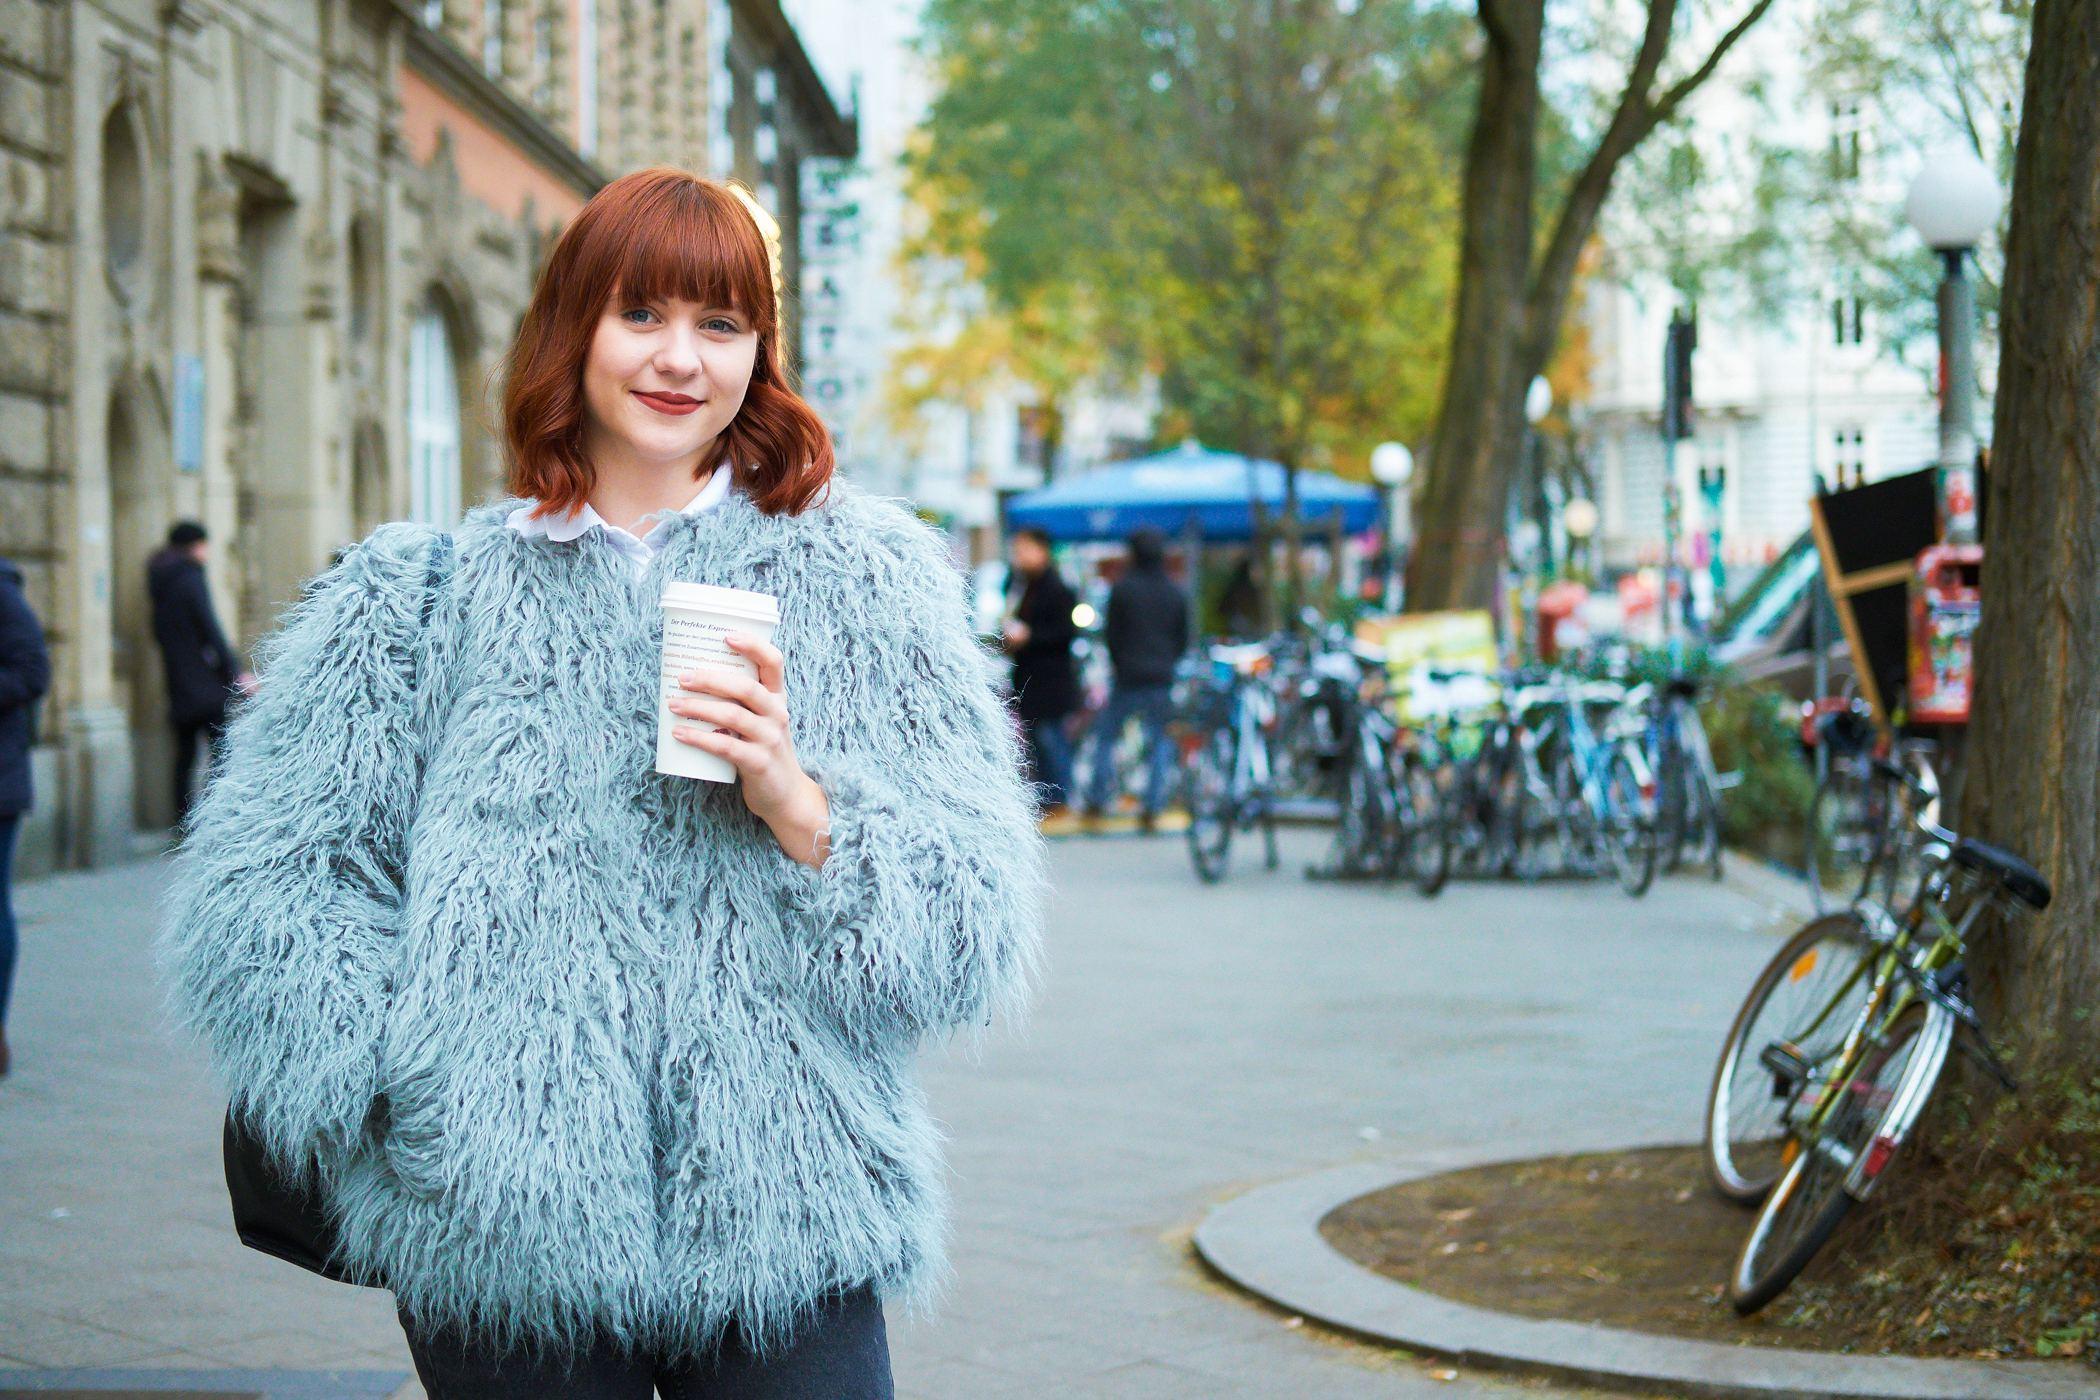 Wintermode: Das trägt Eimsbüttel